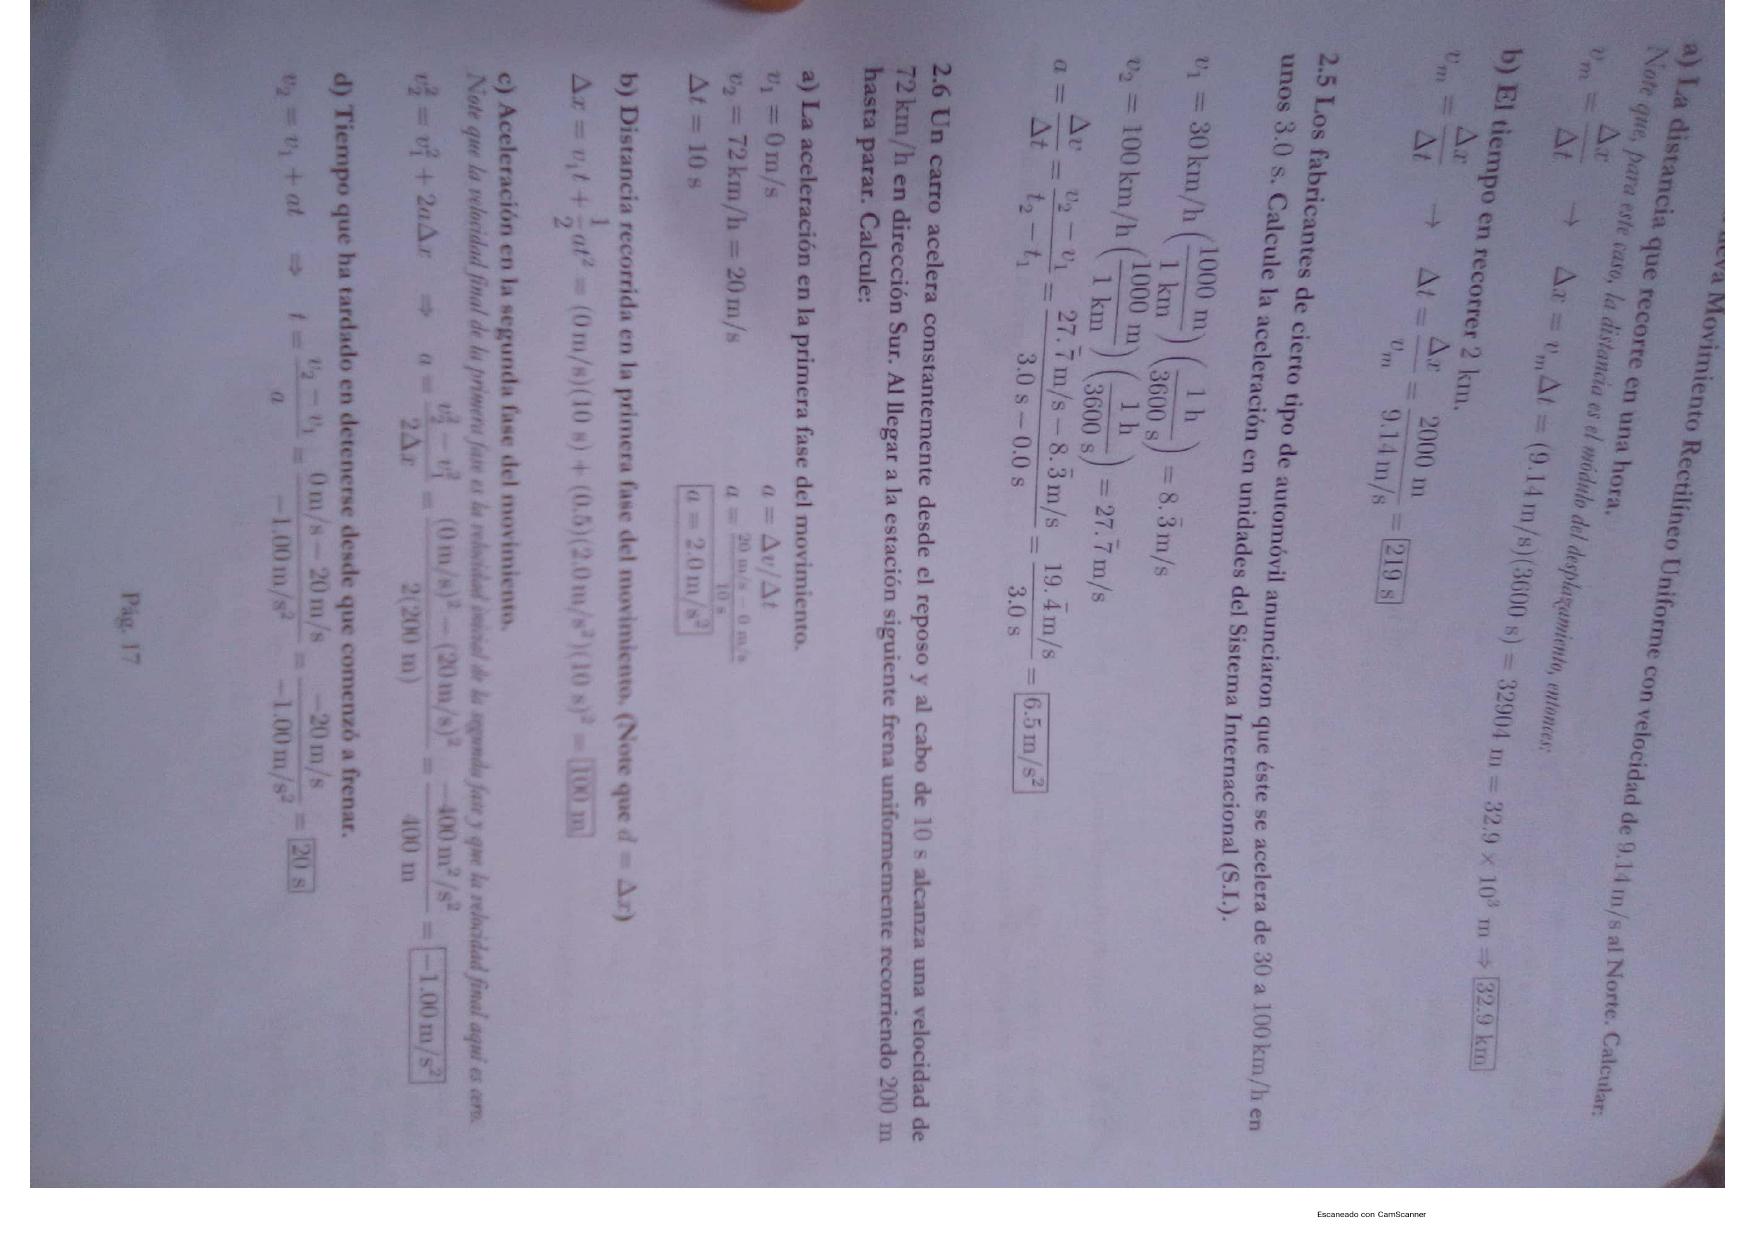 cuaderno-de-trabajo-f-sica-b-sica-page-0016